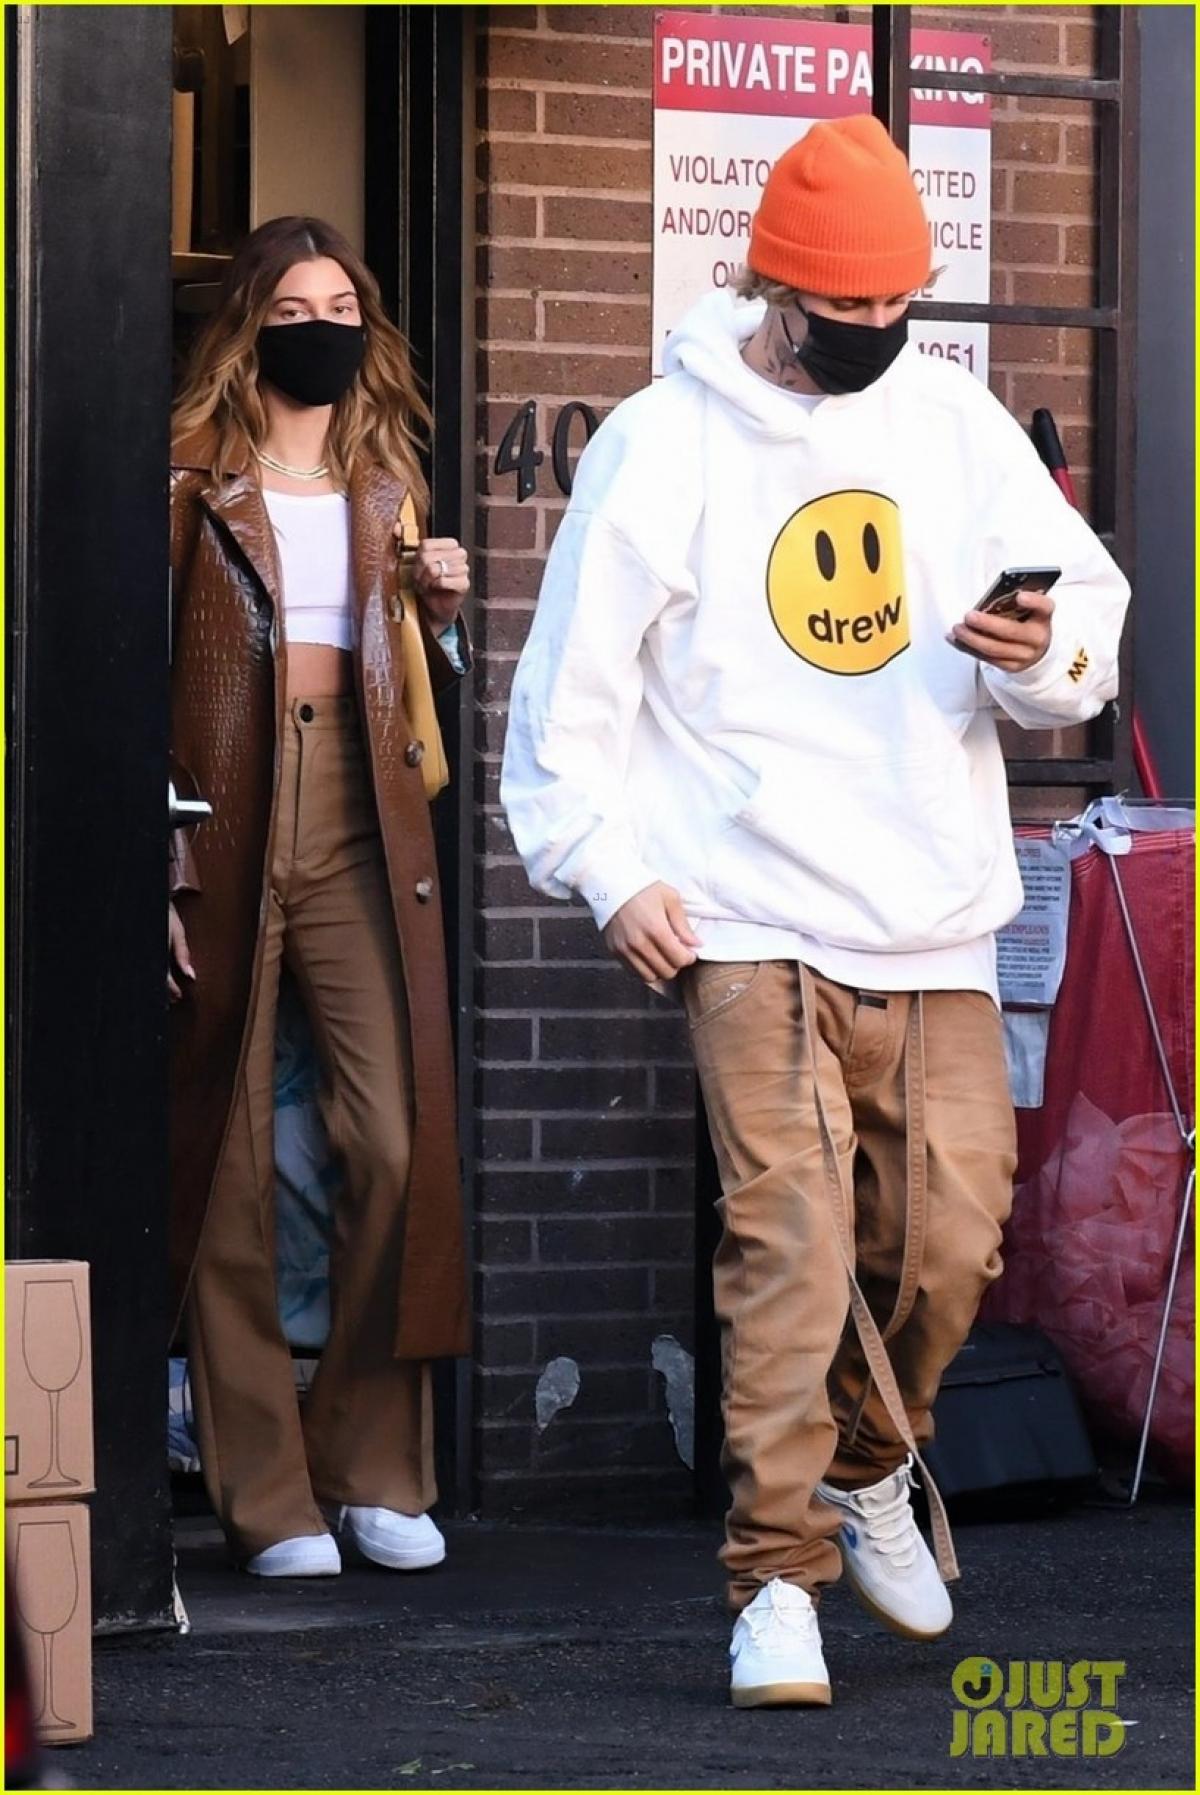 Trong loạt phim, Justin Bieber chia sẻ về nỗi đau của mình cùng những mối quan hệ không lành mạnh trong quá khứ. Đồng thời, anh cũng đề cập về cách đối mặt và vượt qua chúng.